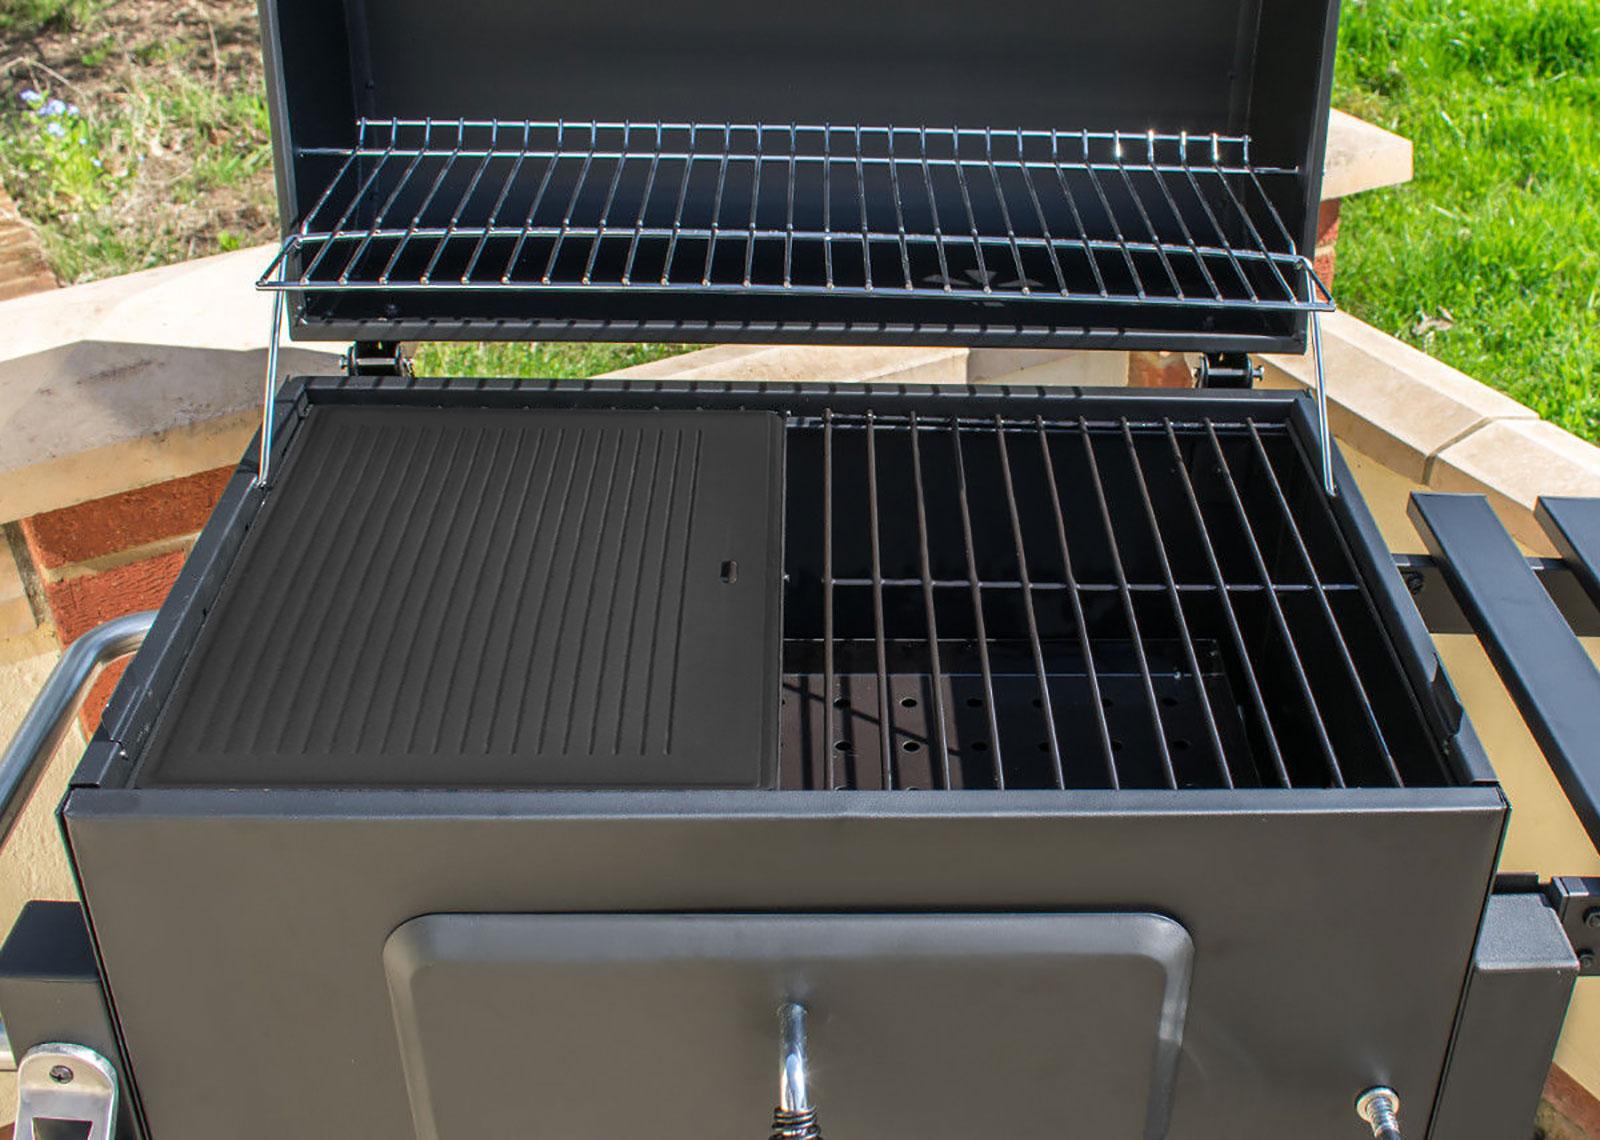 Grillplatte Für Gasgrill : Char broil grillplatte gusseisen für performance gasgrill eur